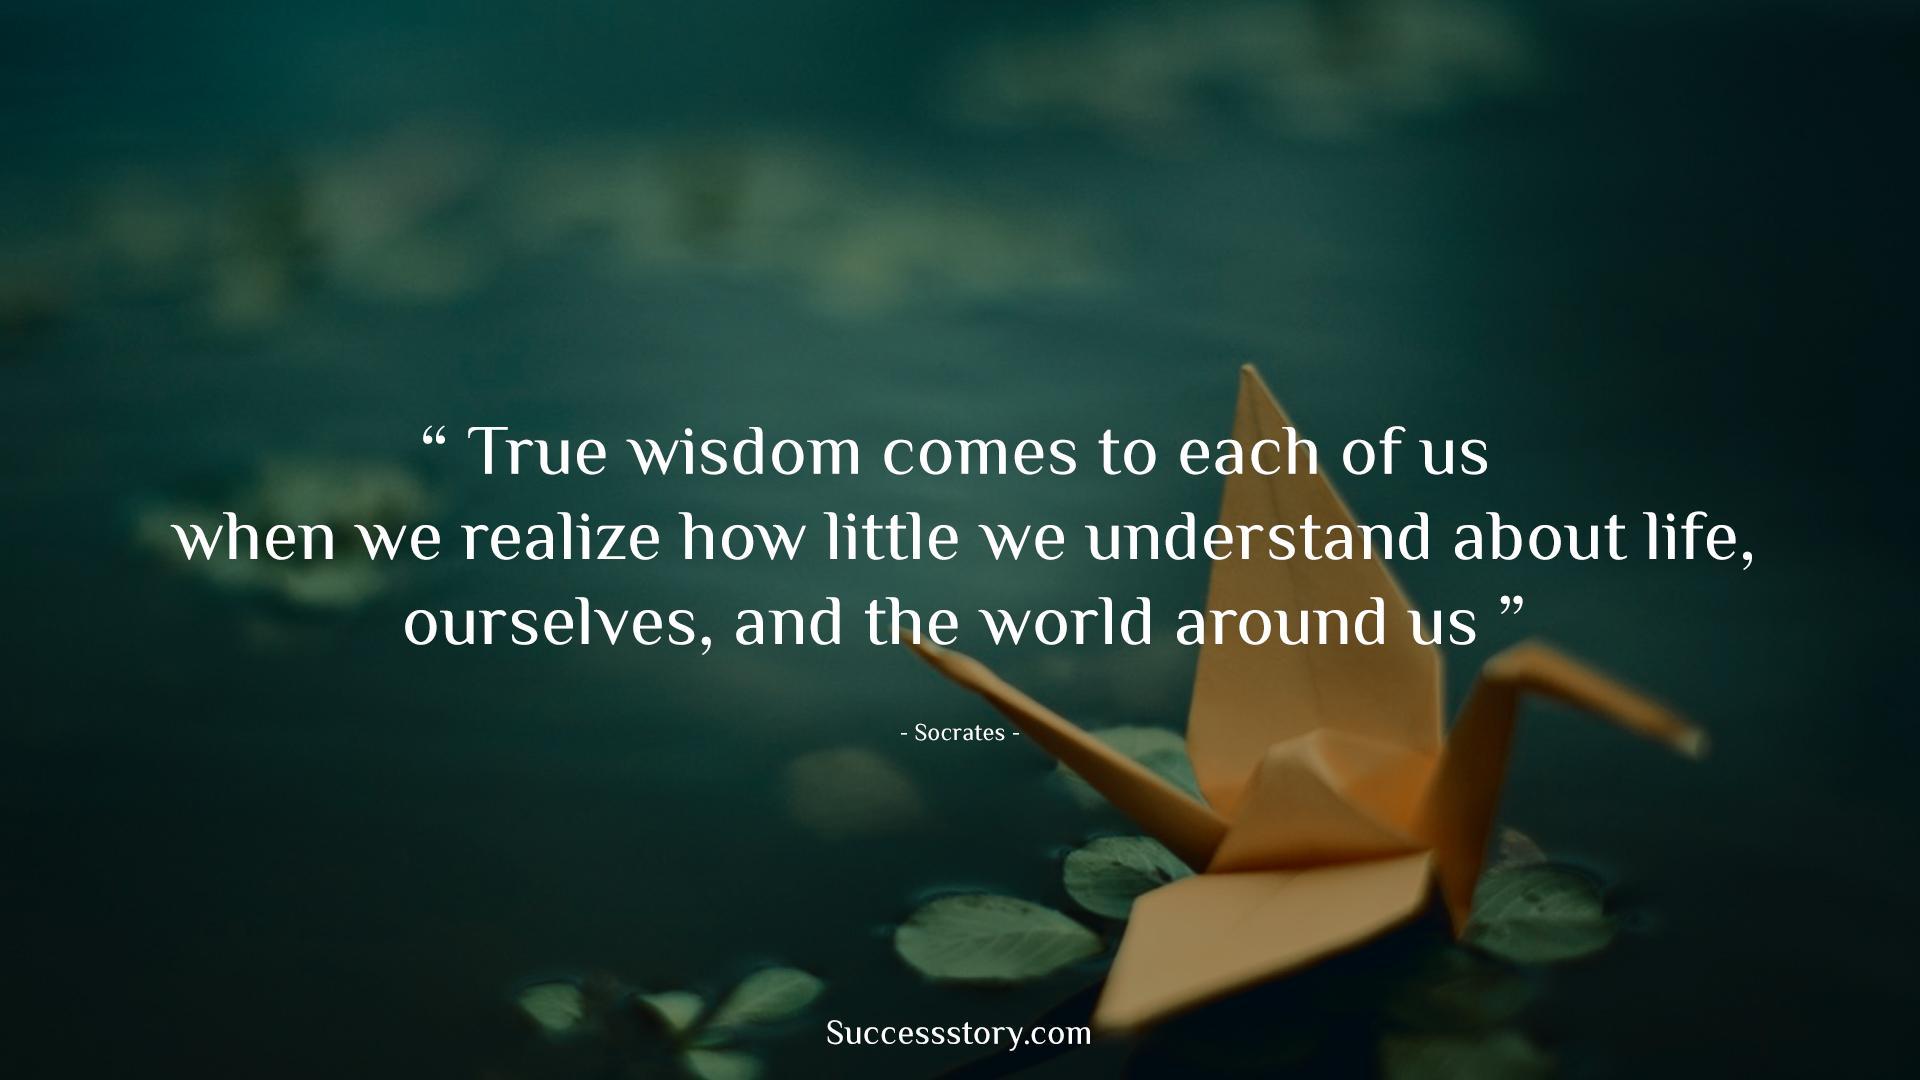 True wisdom comes